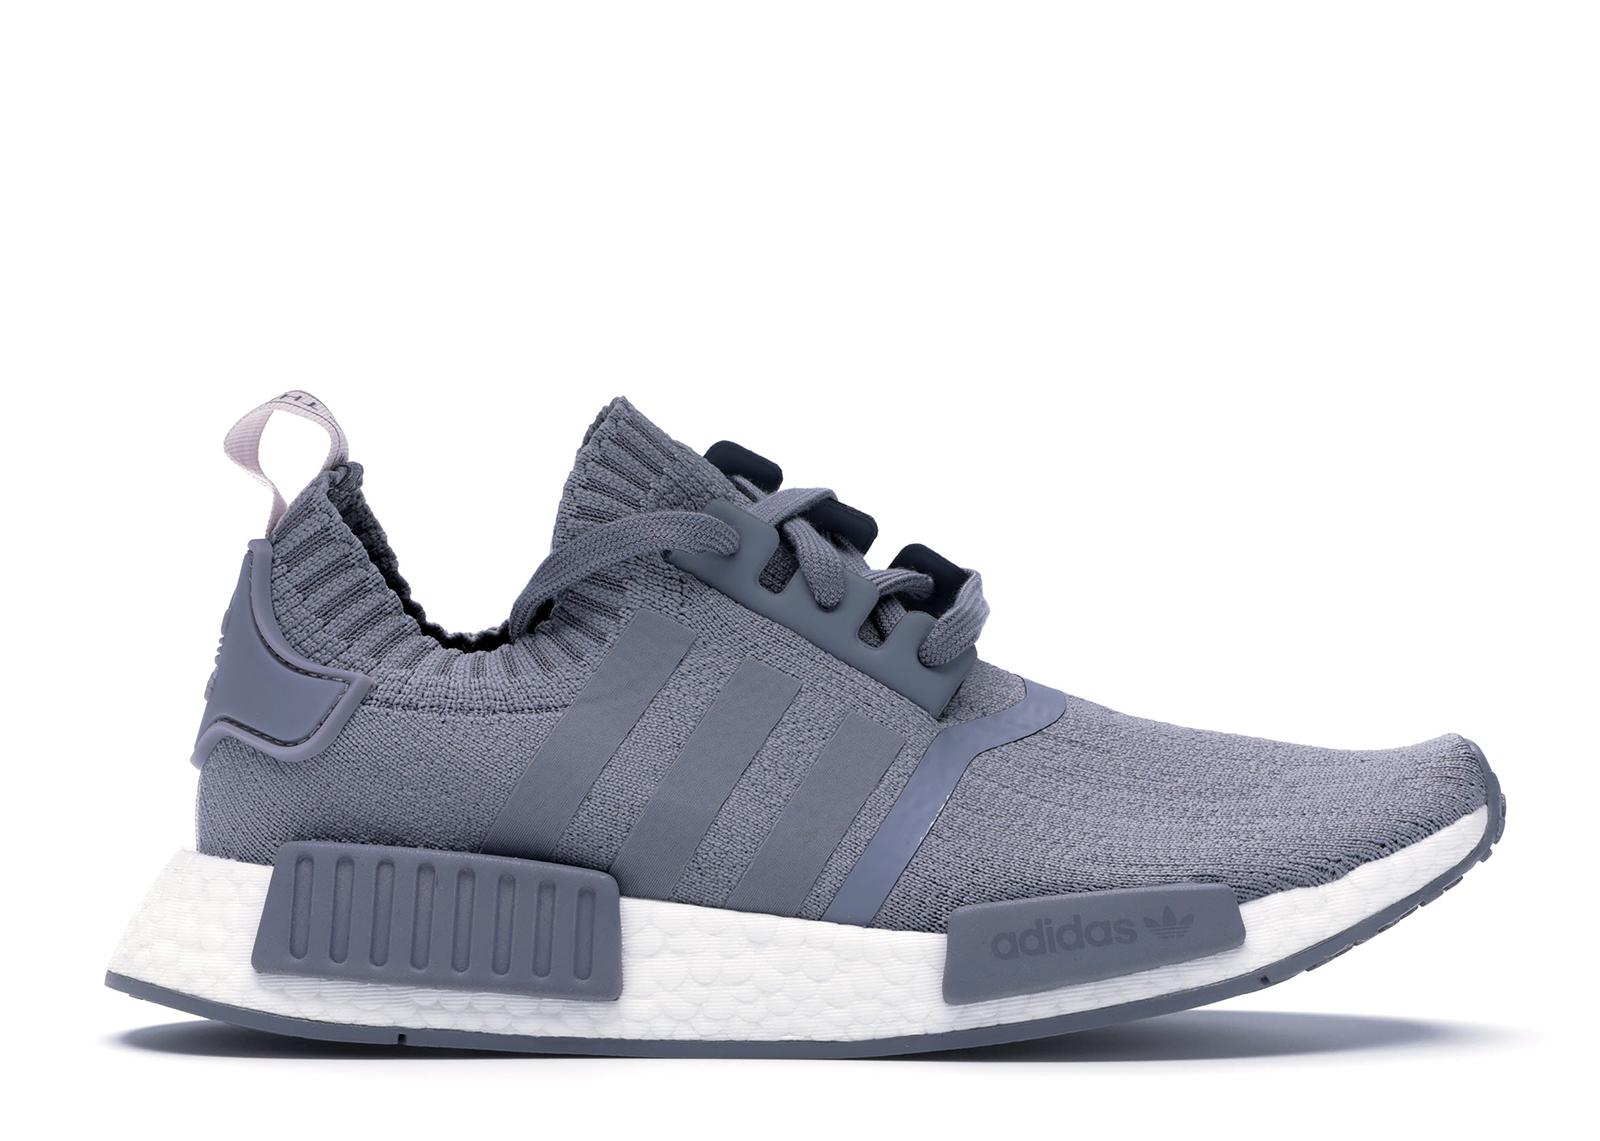 adidas NMD R1 Triple Grey (W)